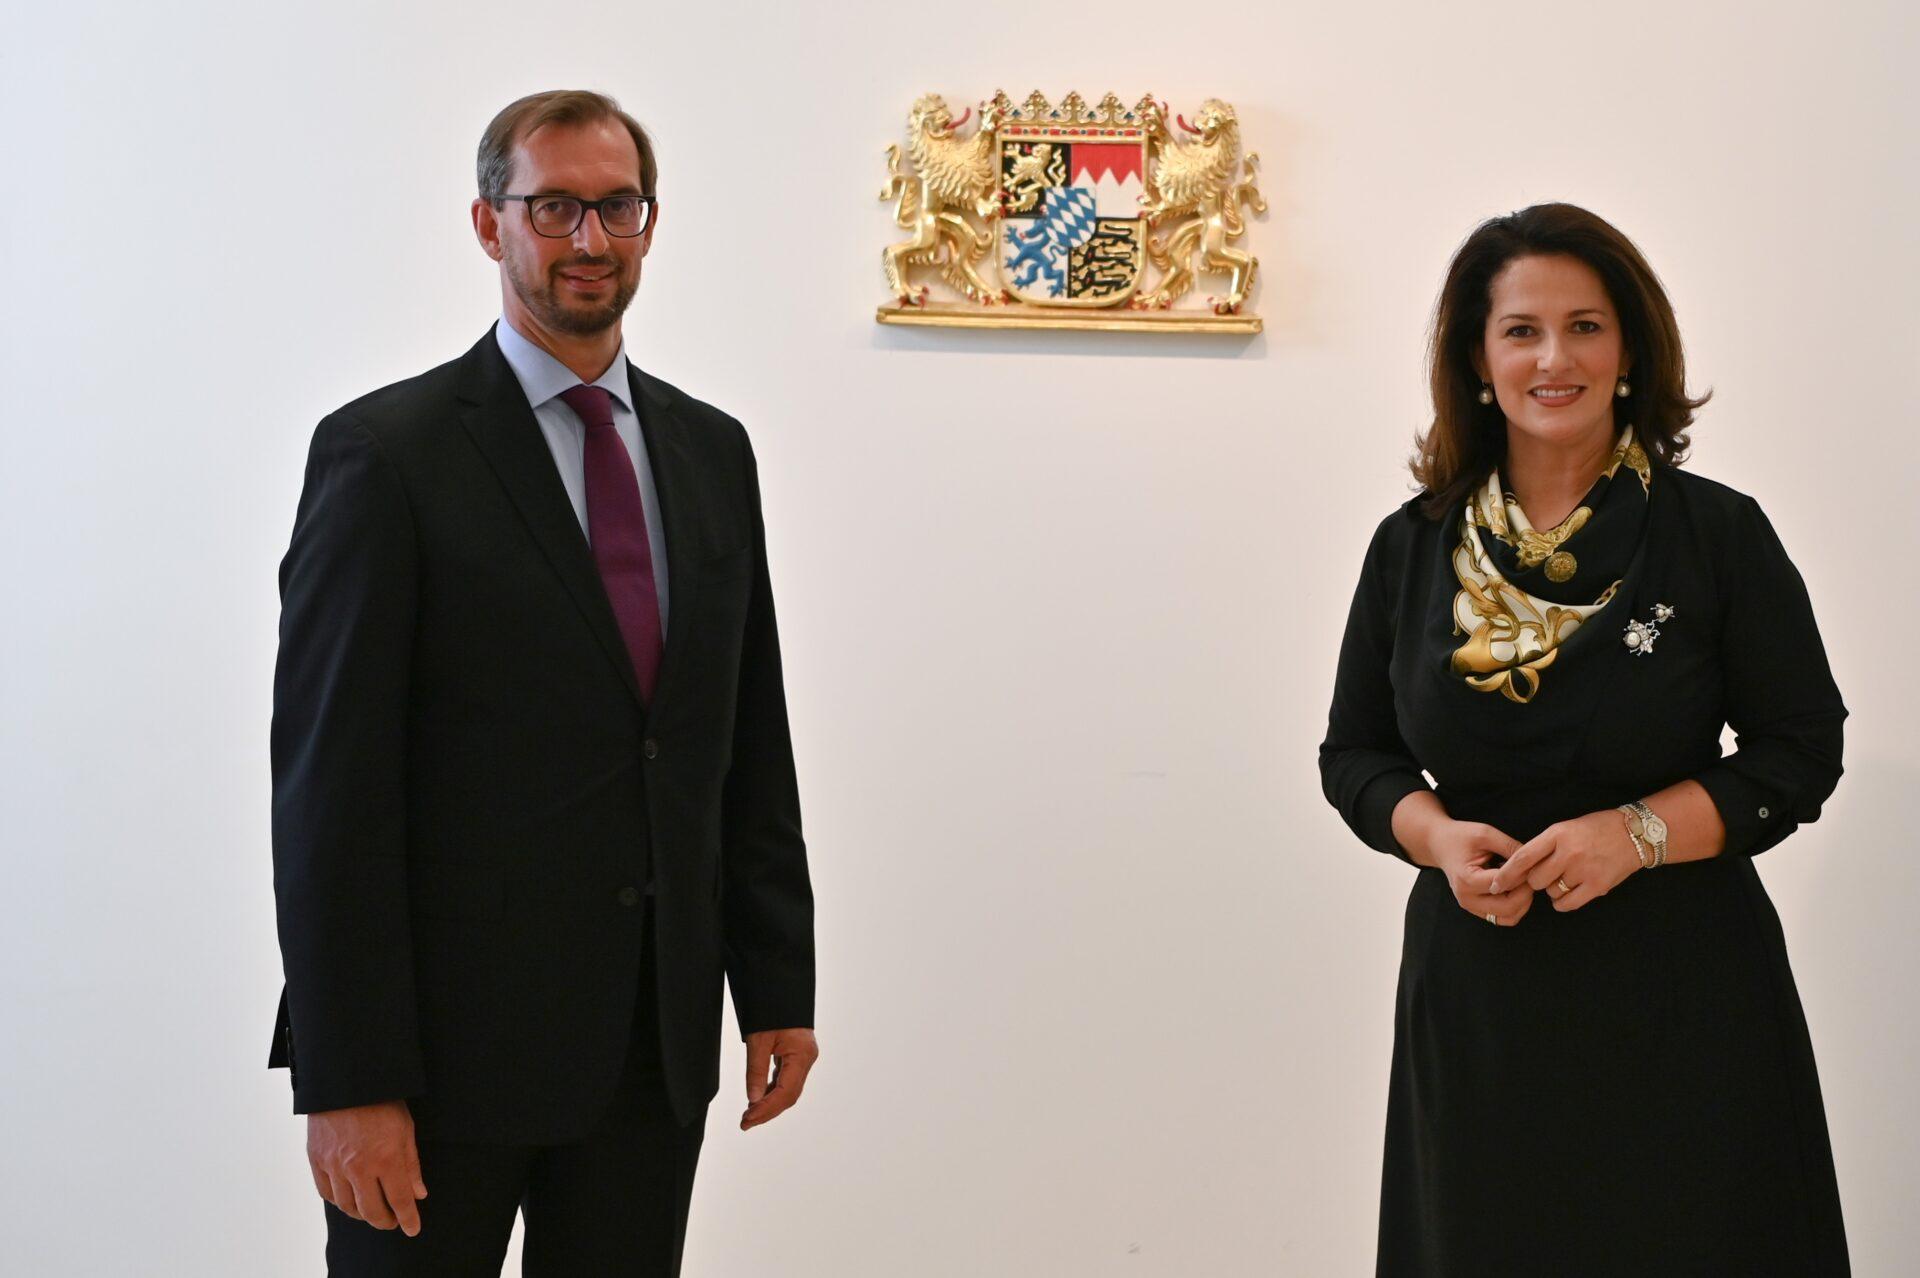 Bayerische Staatsforsten kriegen Finanzchef aus dem Ministerium - WILD UND HUND